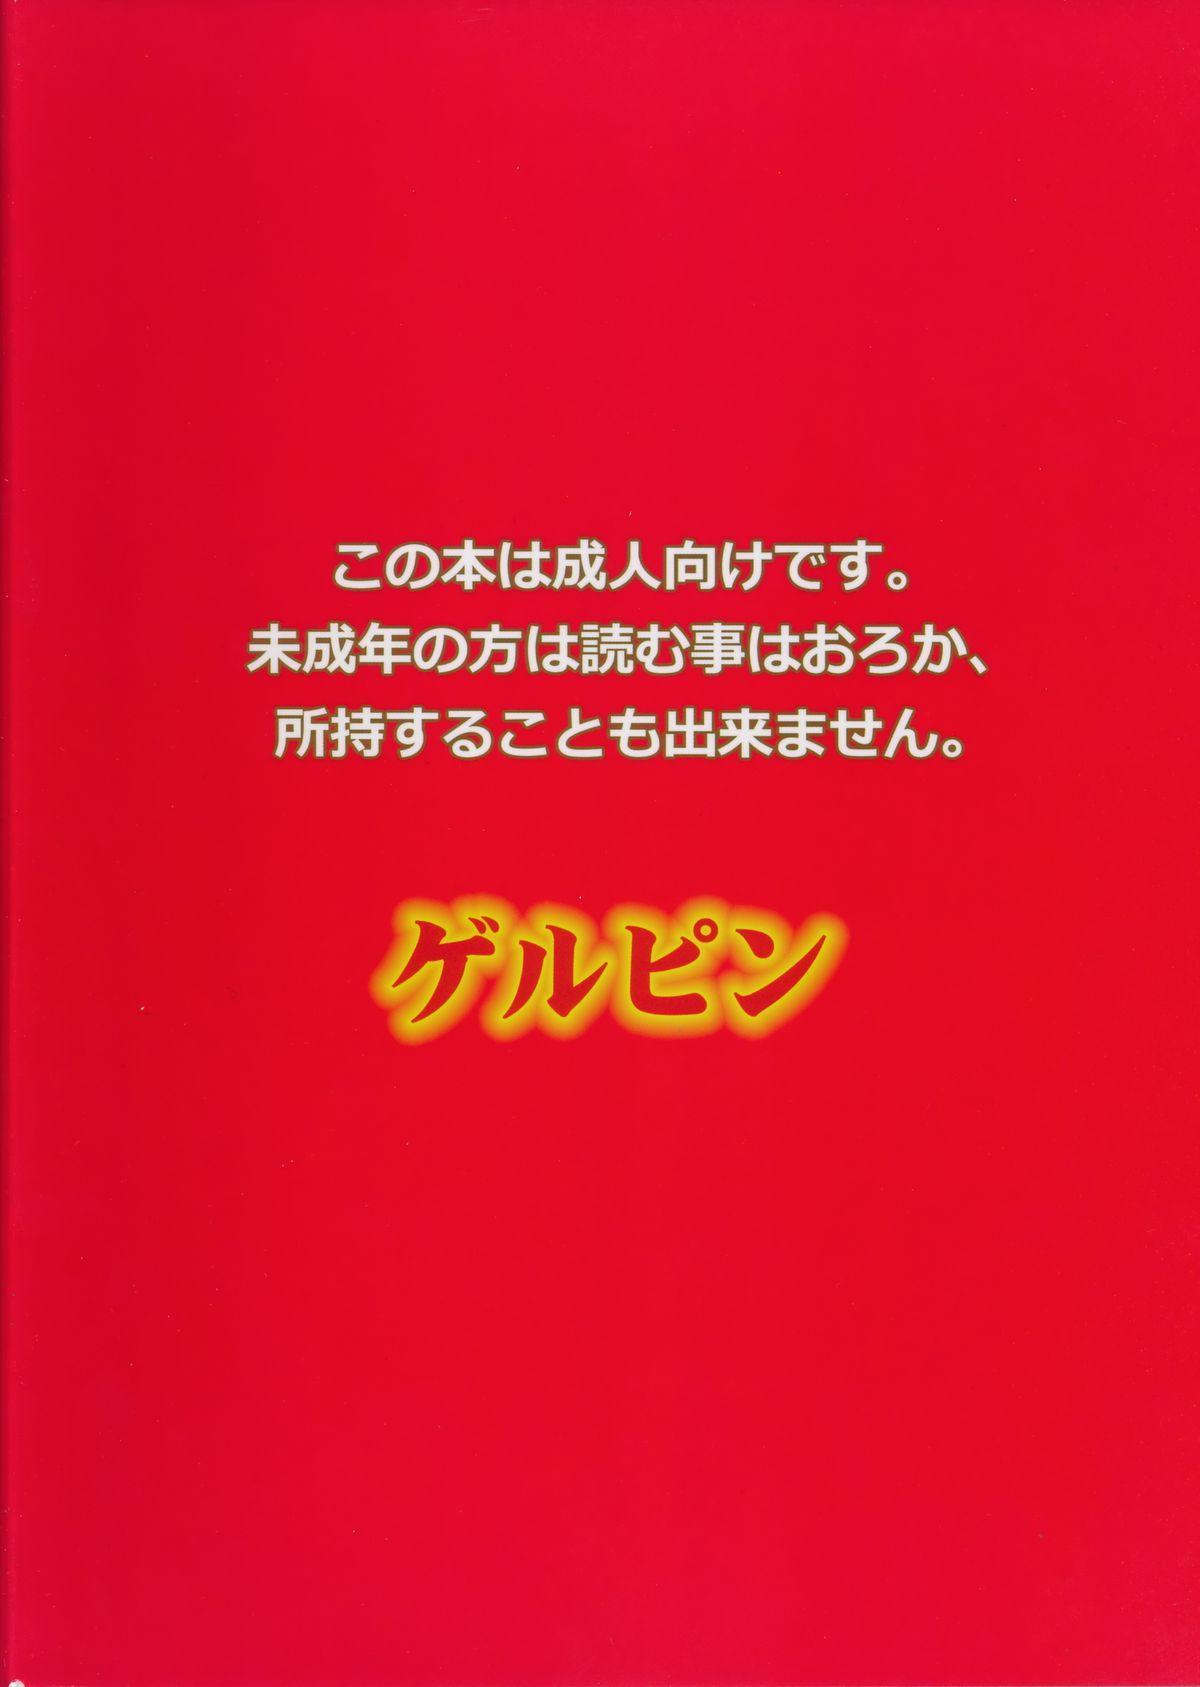 Hajimete no sekai 29